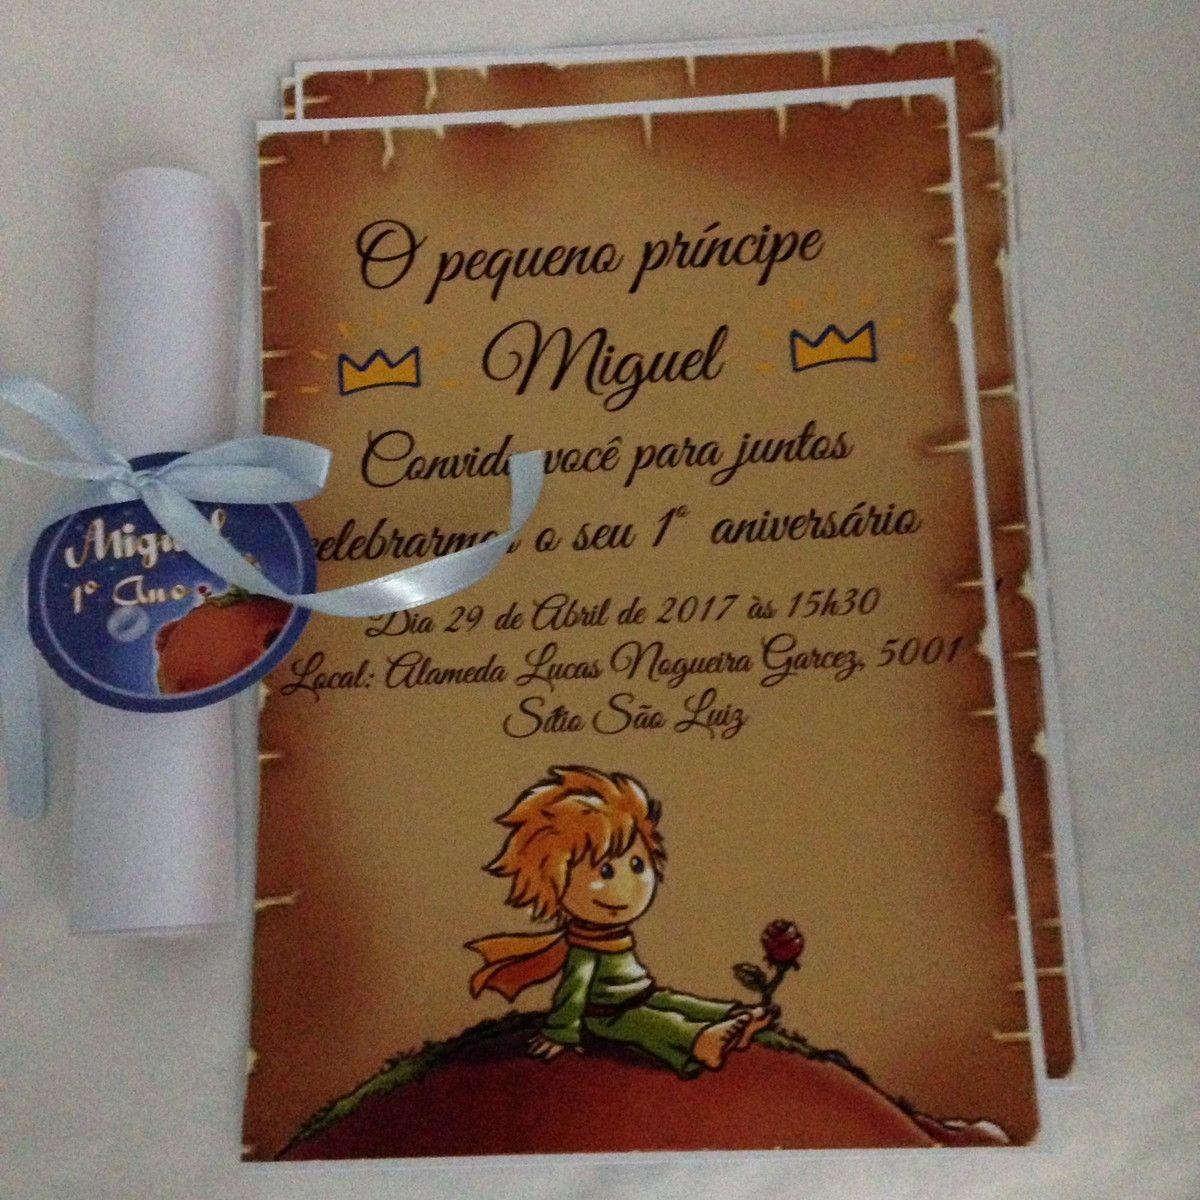 Convite pergaminho 15 por 21 Papel fotografico 120gr Acompanha fita e tag  com o nome da criança. | Convite pergaminho, Convite pequeno principe,  Convite